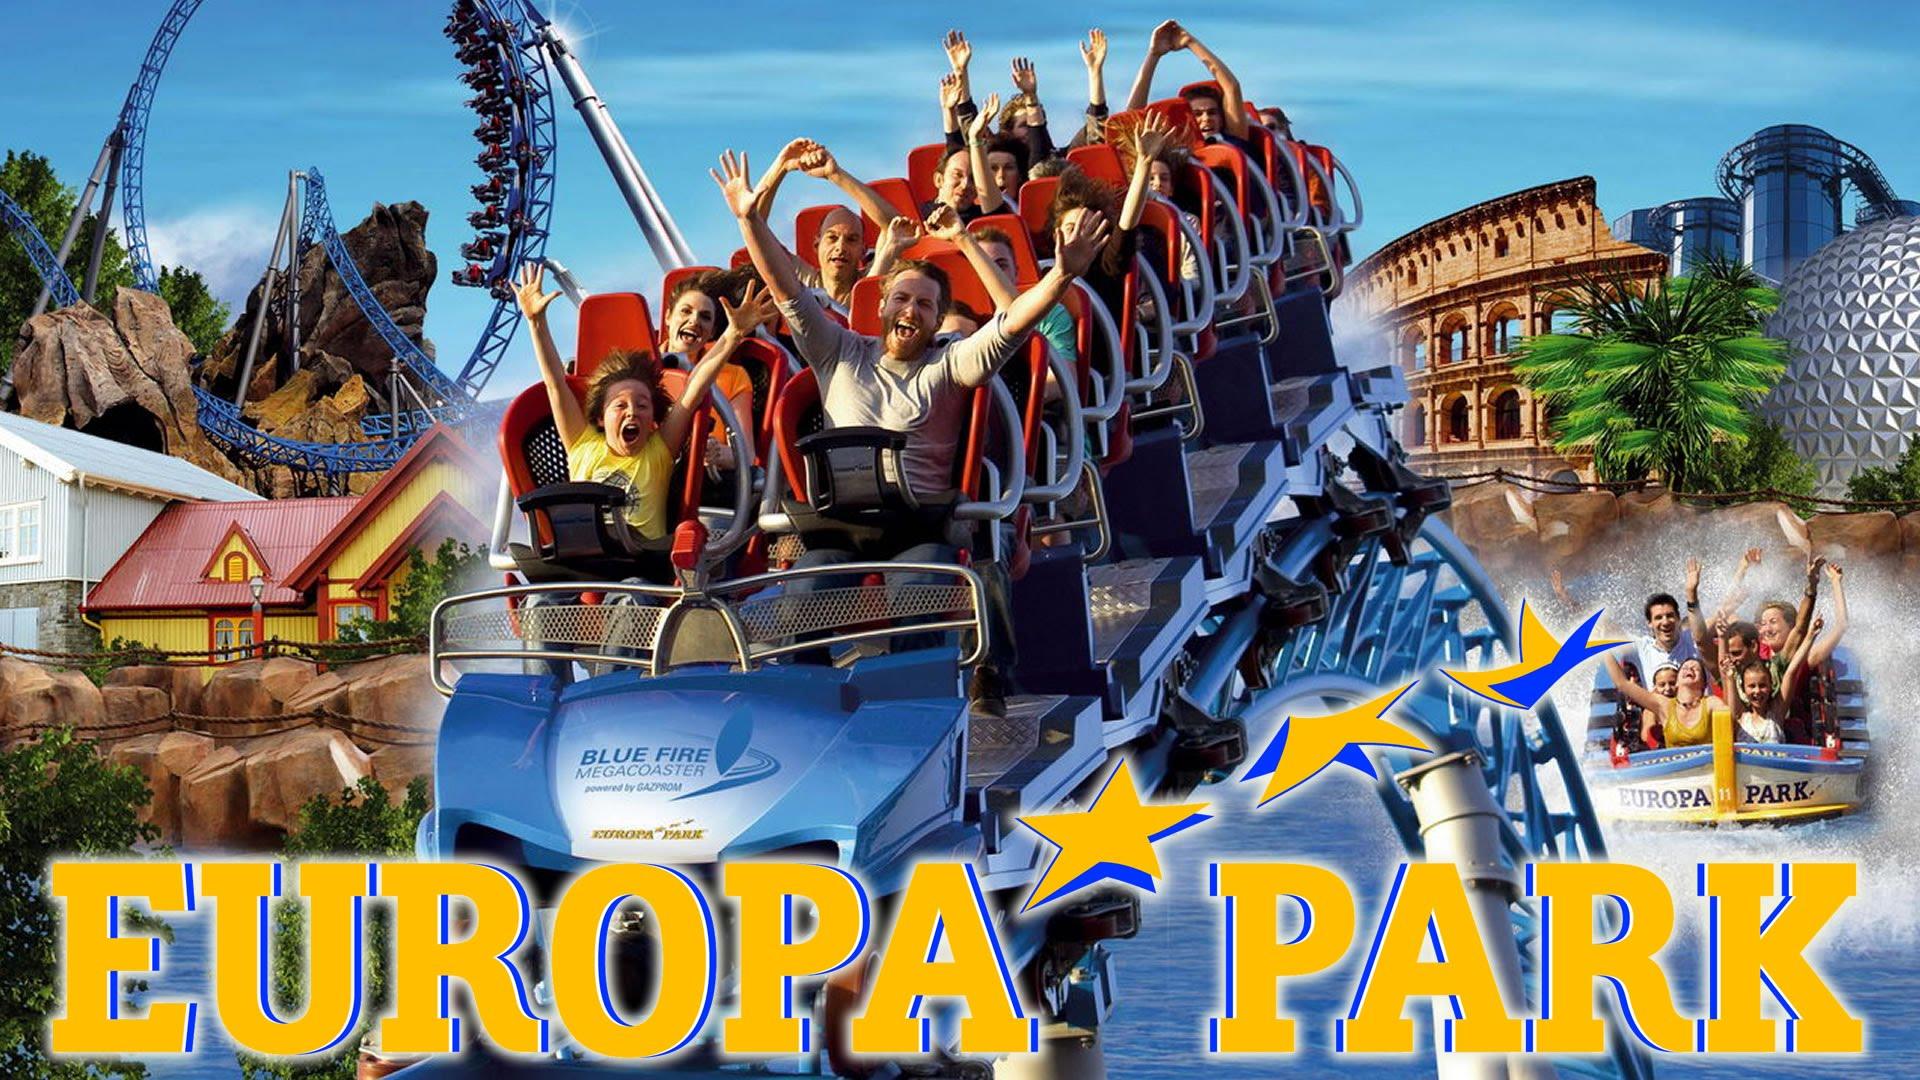 Europa Park Tageskarte für 39€ anstatt 44,50€